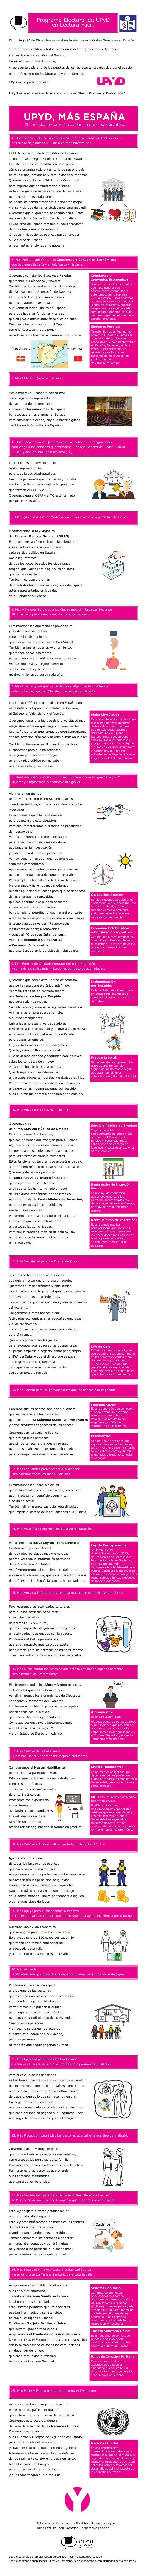 1. Más España: El Gobierno de España será responsable de las funciones de Educación, Sanidad y Justicia en todo nuestro pa...